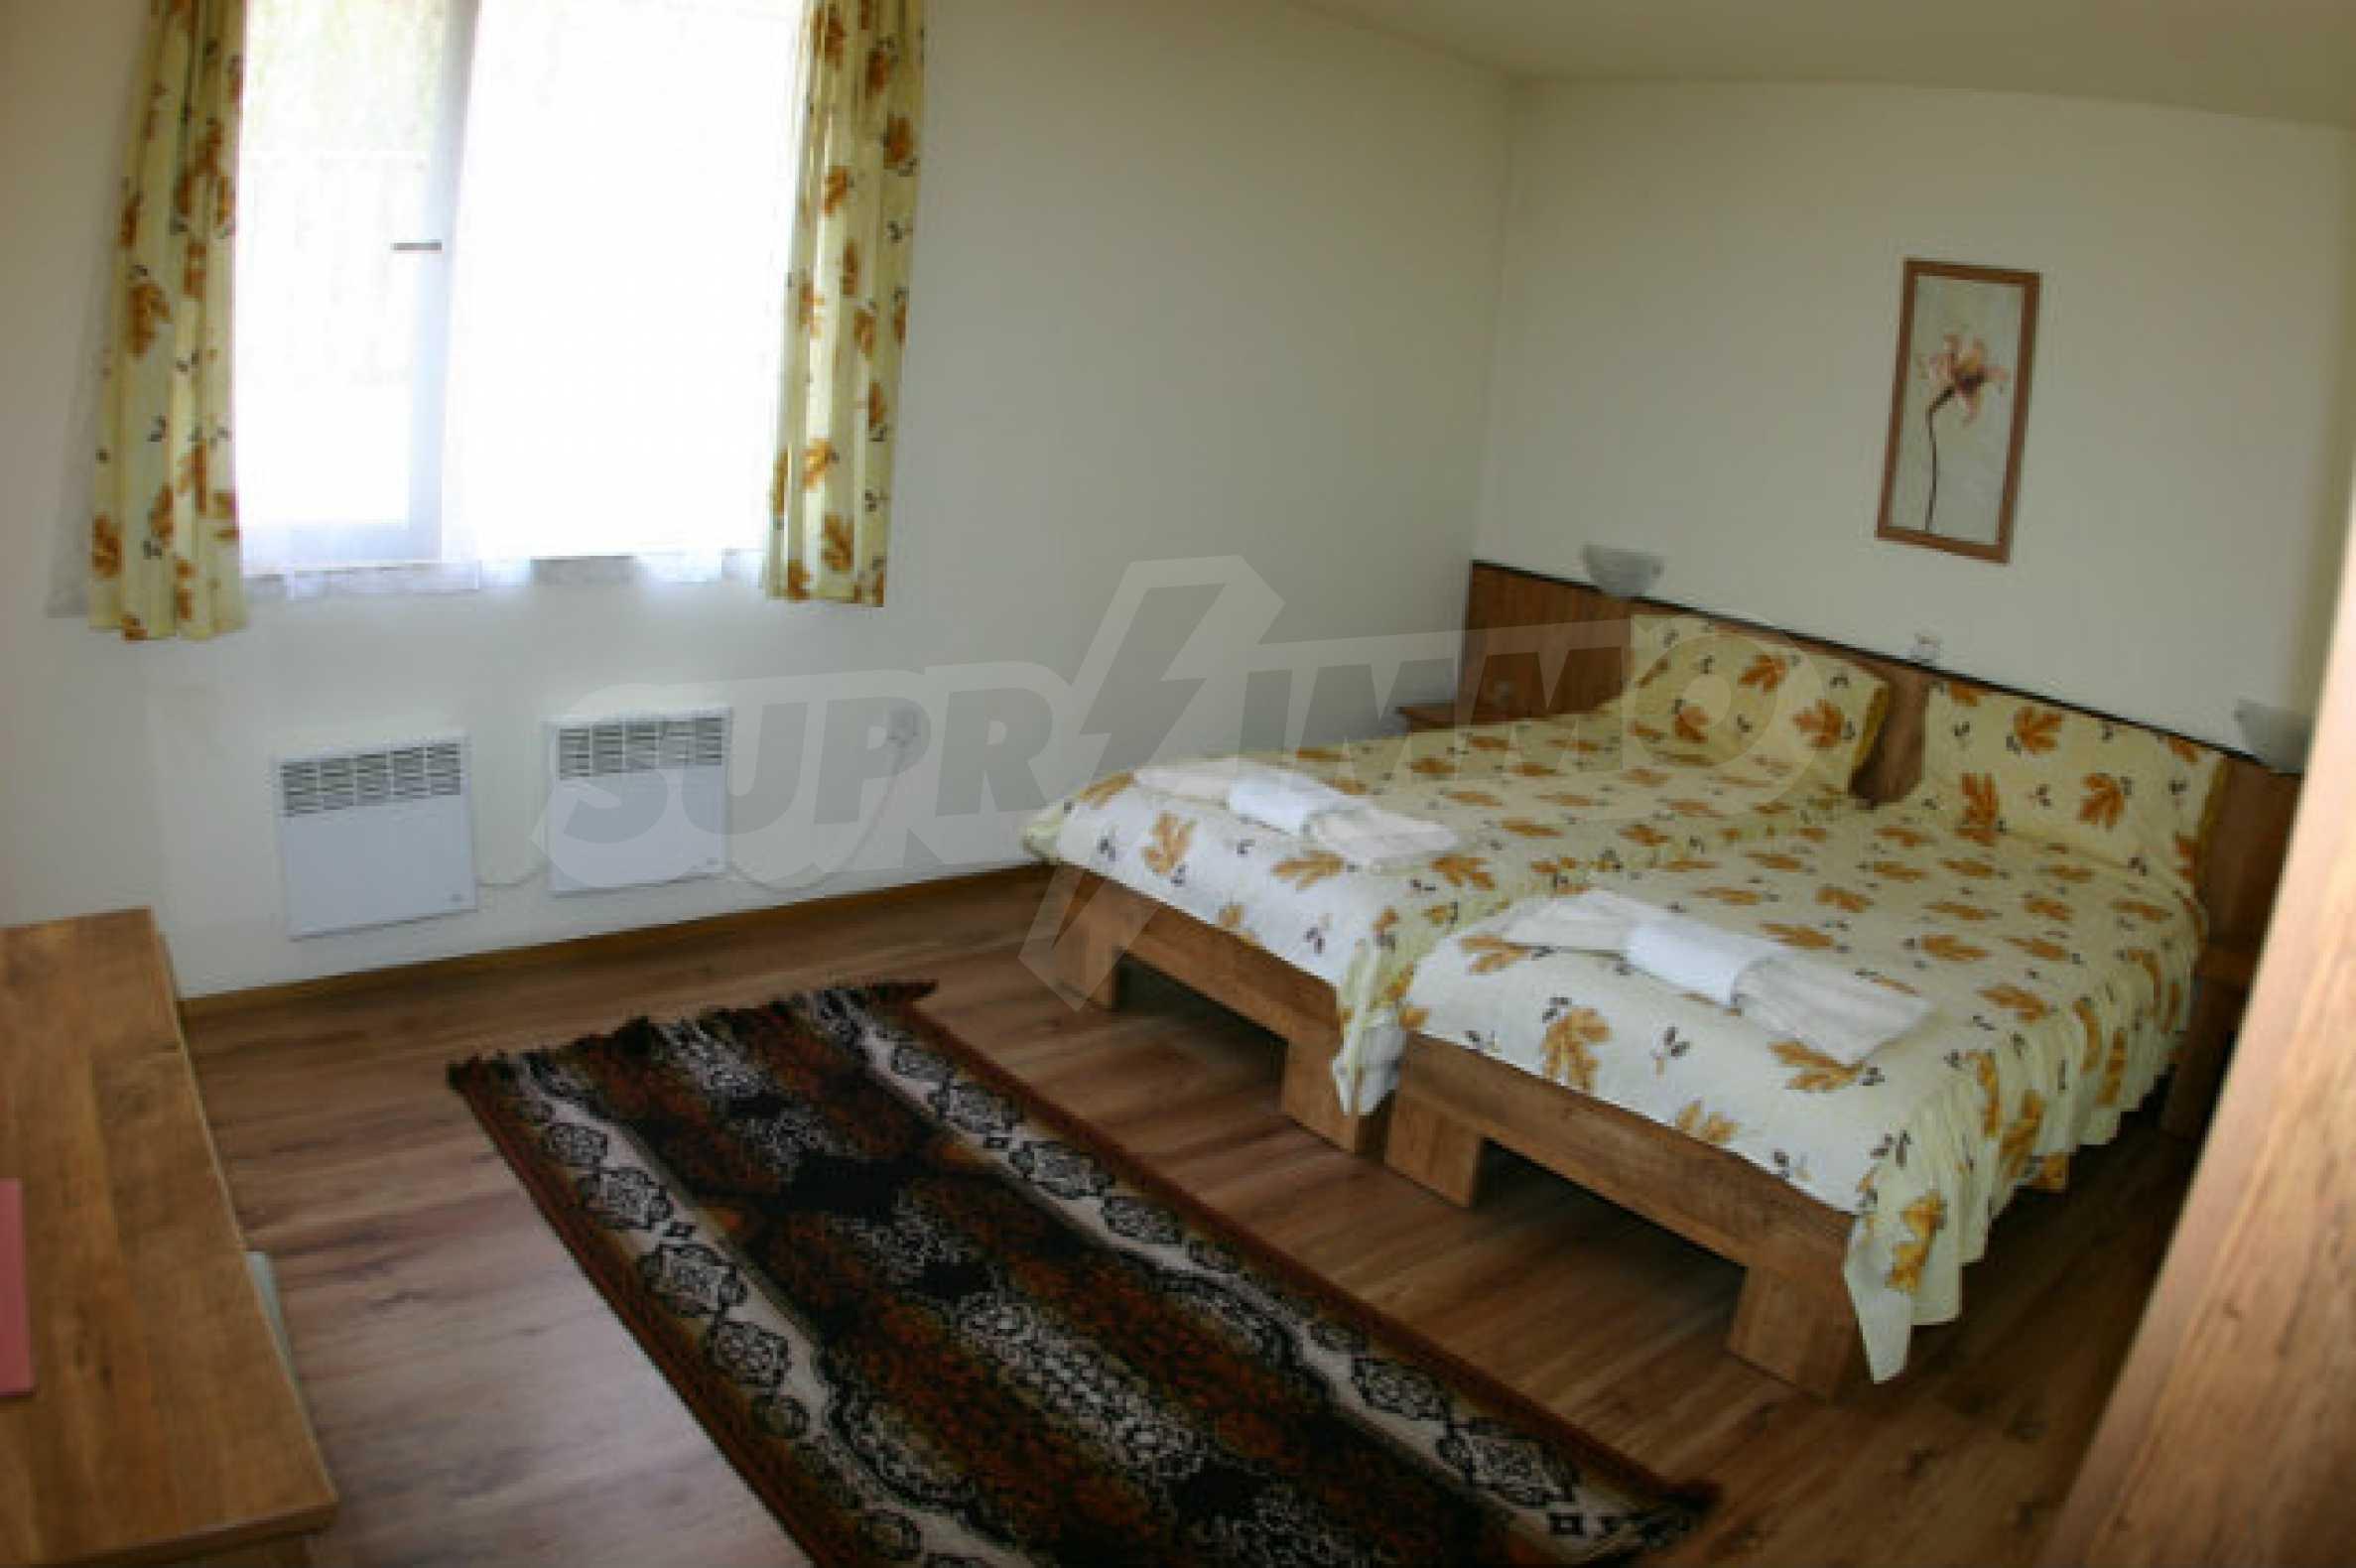 Familienhotel zum Verkauf in Dobrinischte, 6 km von Bansko entfernt 14